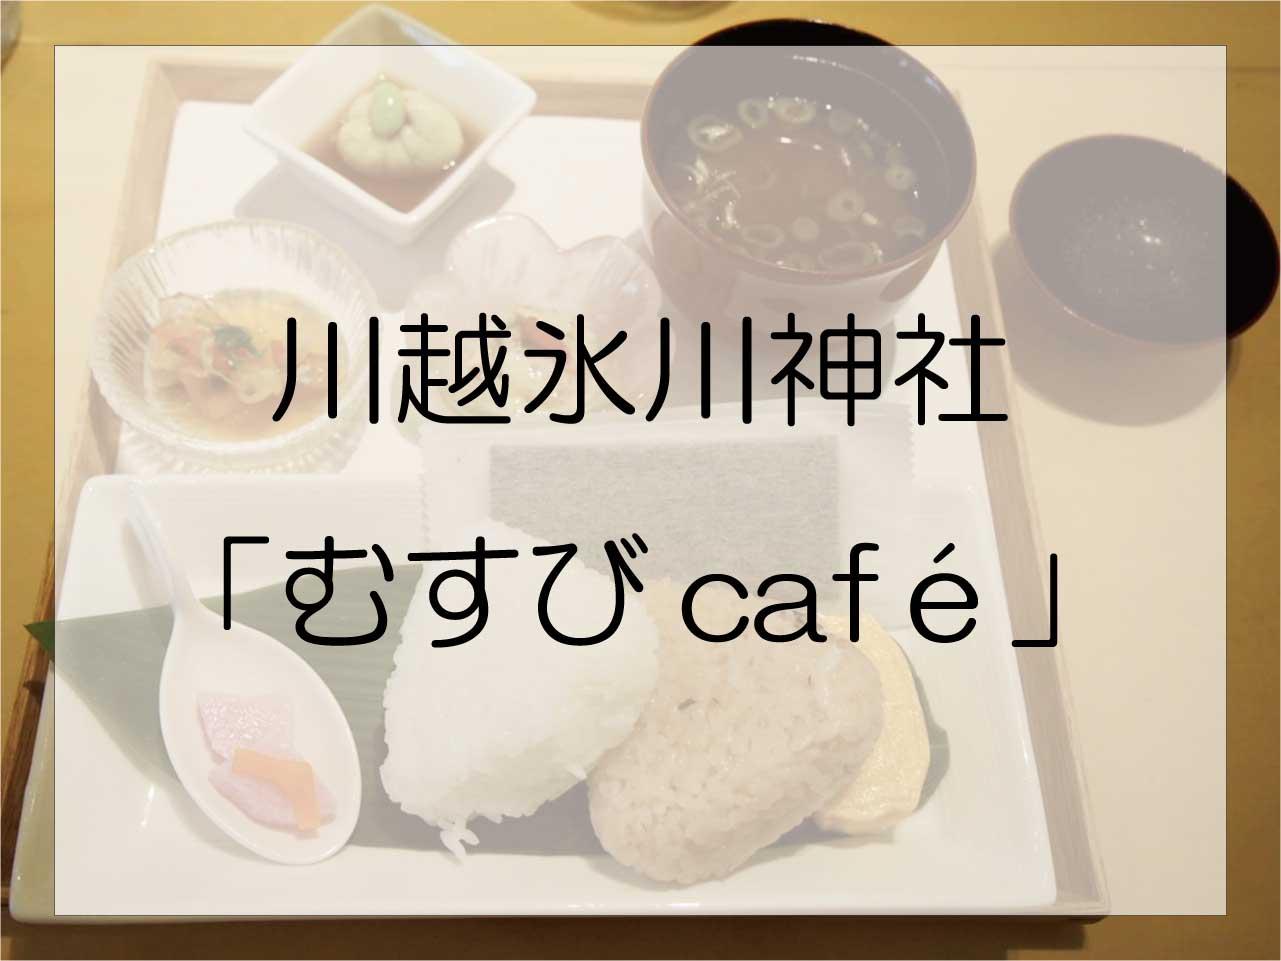 川越氷川神社「むすびcafé」でランチしたら高い割に味は普通だった